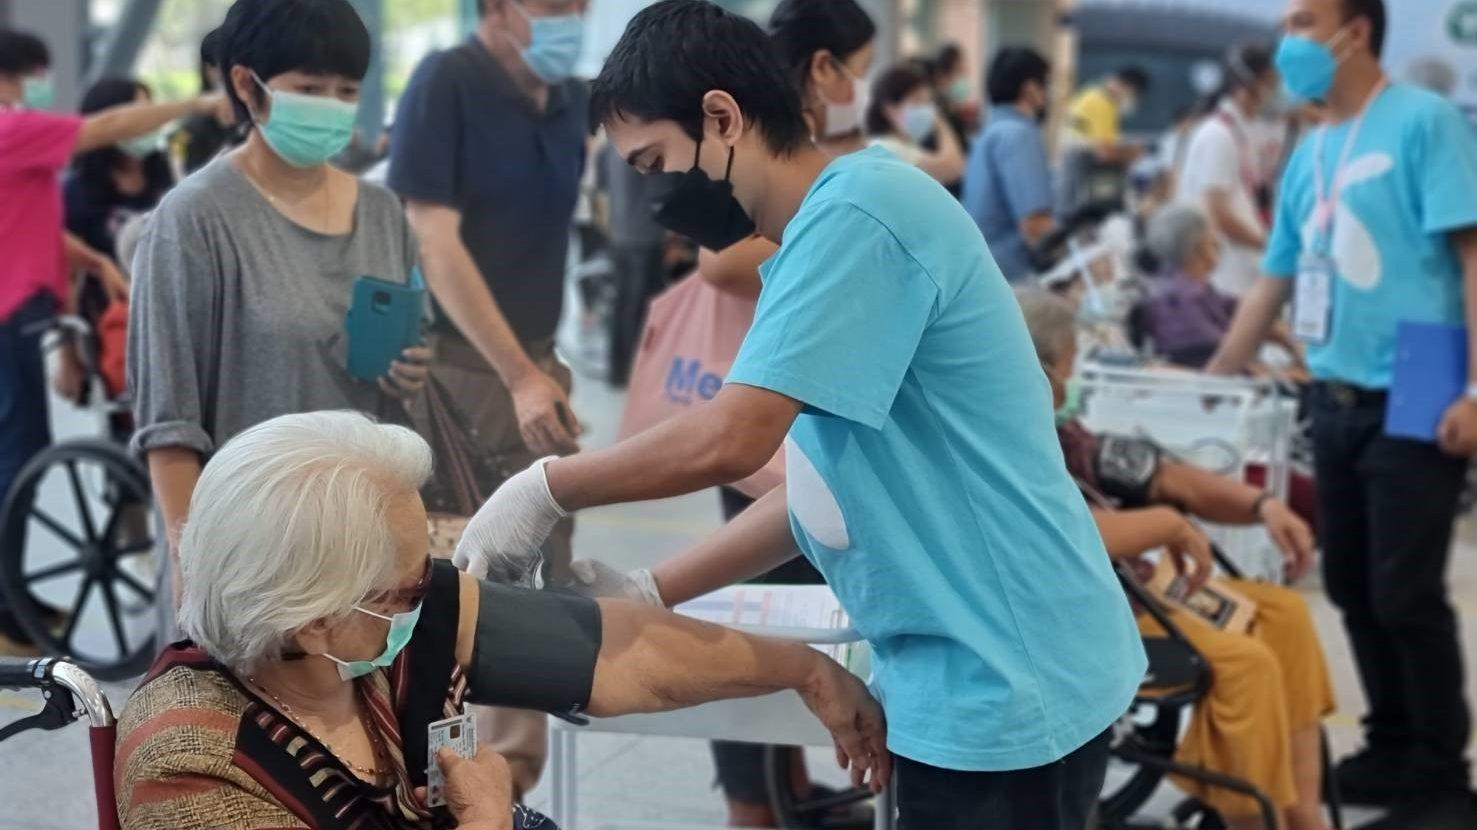 สธ. ลดวิกฤตเสียชีวิต เร่งปูพรมฉีดวัคซีนผู้สูงวัยเต็มที่ เปิดให้ผู้สูงอายุ 60 ปีขึ้นไป ลงทะเบียนฉีดวัคซีนเพิ่มได้ ตั้งแต่จันทร์ที่ 12 ก.ค.นี้  ผ่าน 4 ค่ายมือถือ AIS, TRUE, dtac, NT พร้อมเริ่มฉีดตั้งแต่ 16-31 ก.ค. ณ ศูนย์ฉีดวัคซีนกลางบางซื่อ